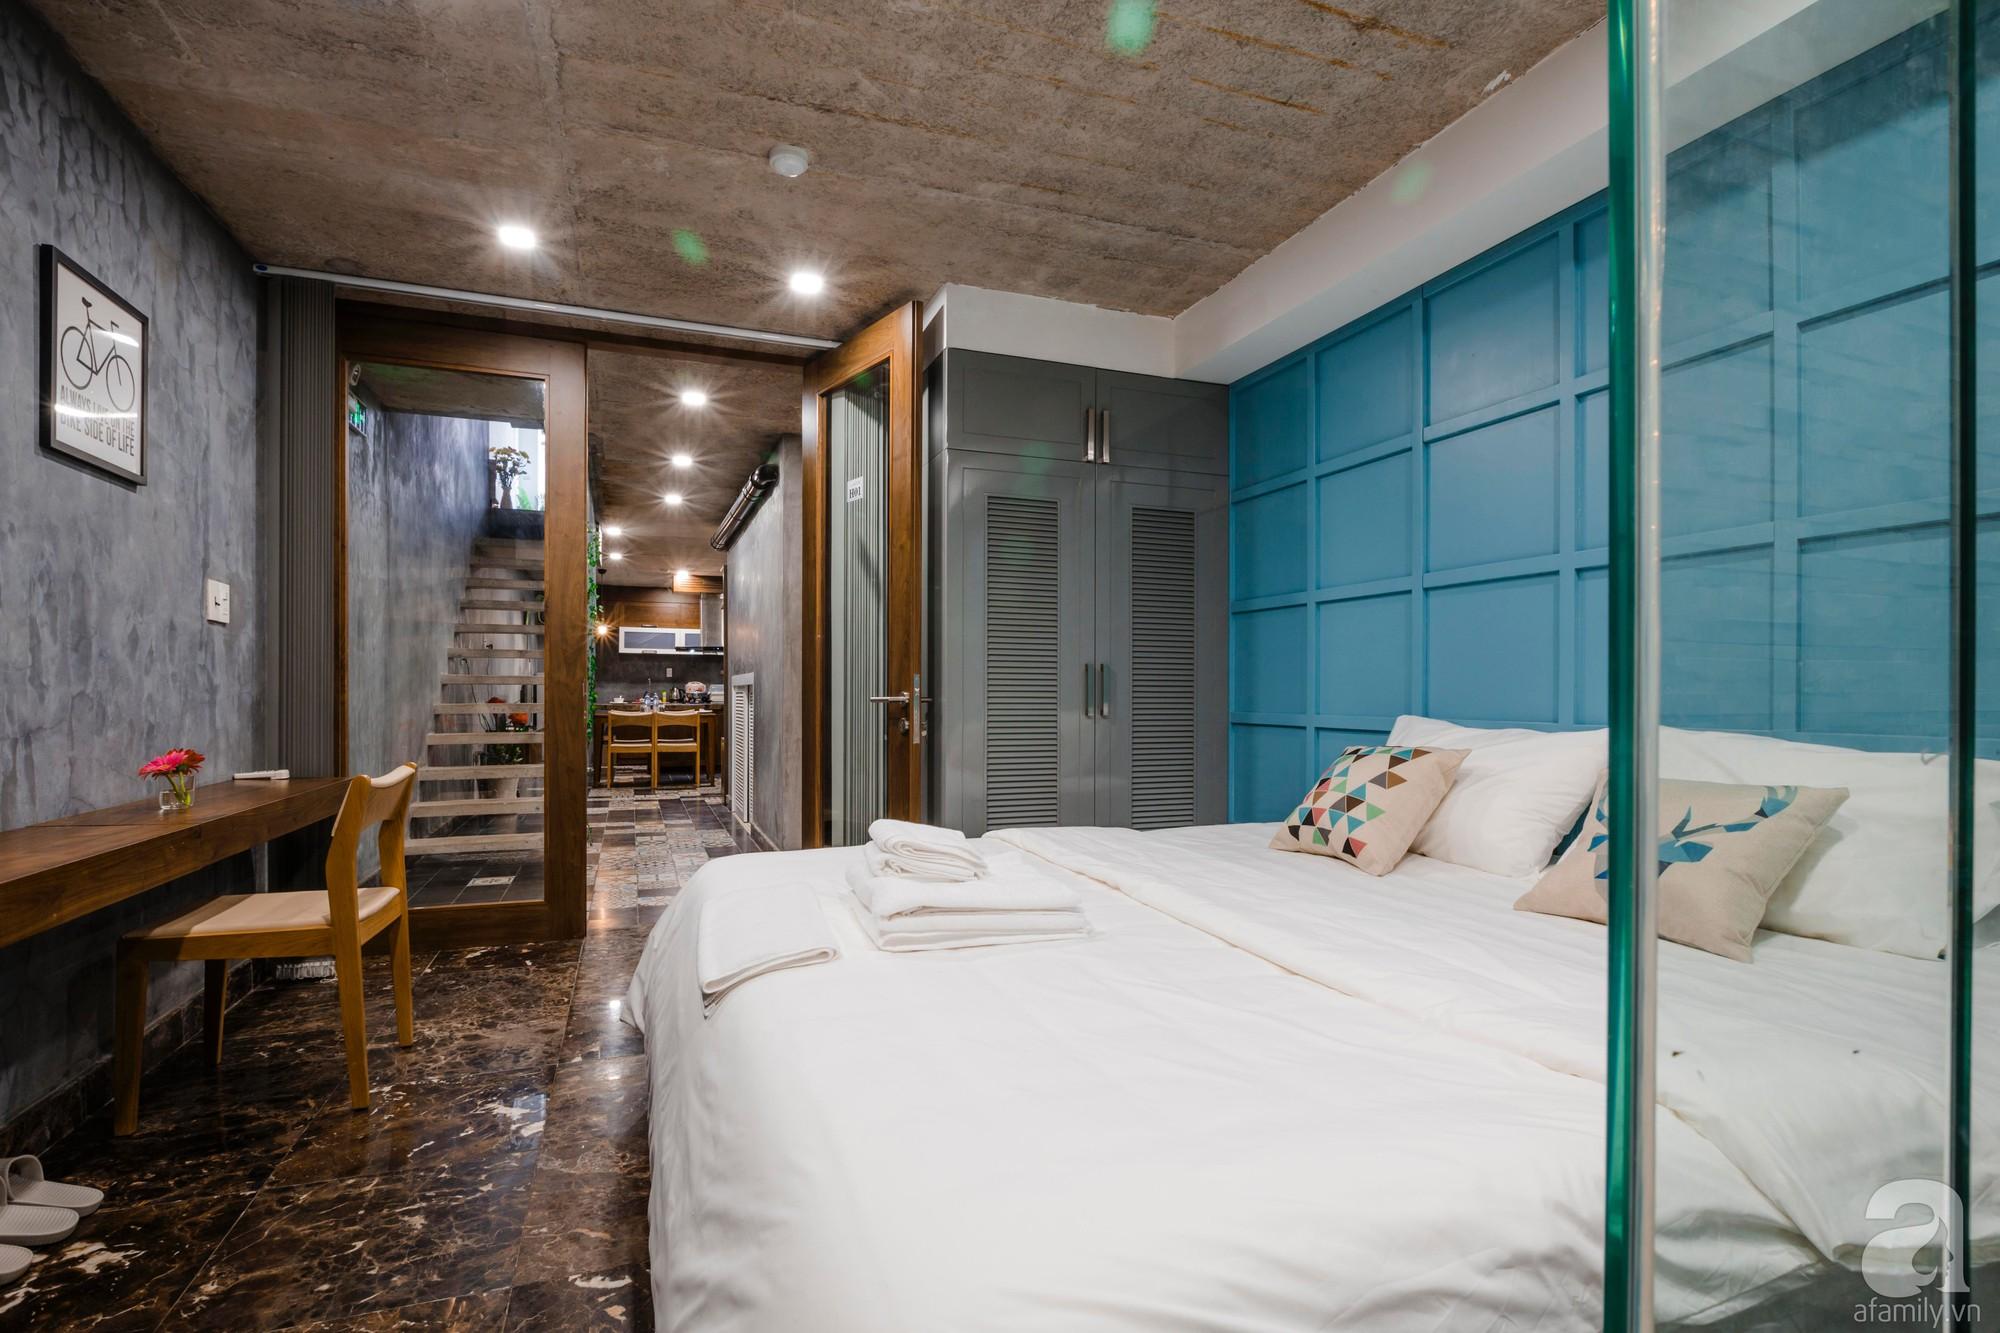 Căn hộ 55m² được cải tạo từ tầng hầm đẹp bất ngờ với điểm nhấn màu xanh biển mát lành ở TP HCM - Ảnh 9.